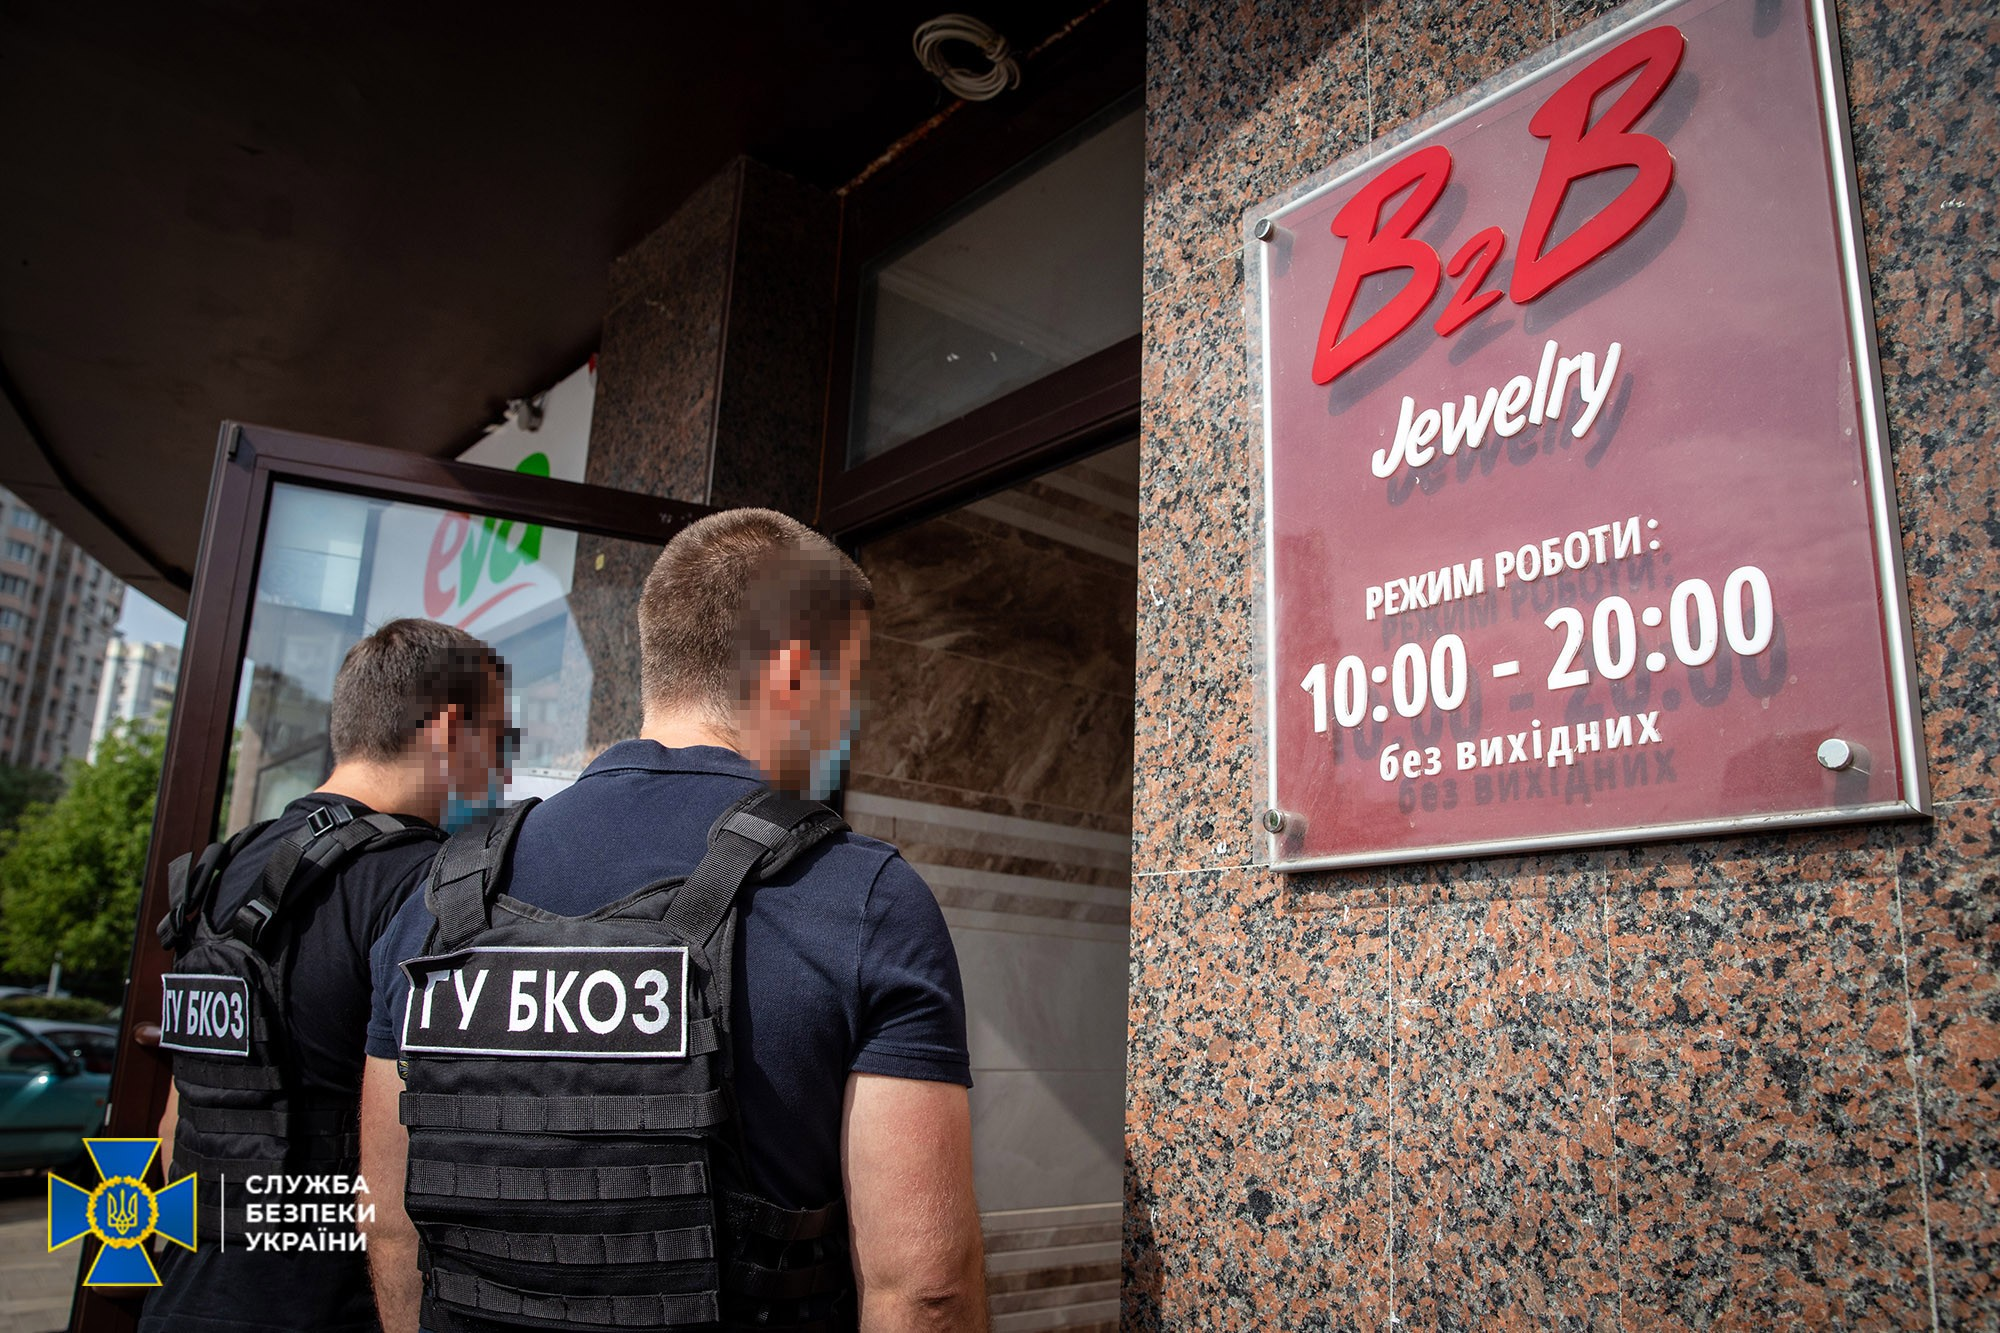 B2B Jewelry: СБУ продовжує викривати організаторів фінансової піраміди